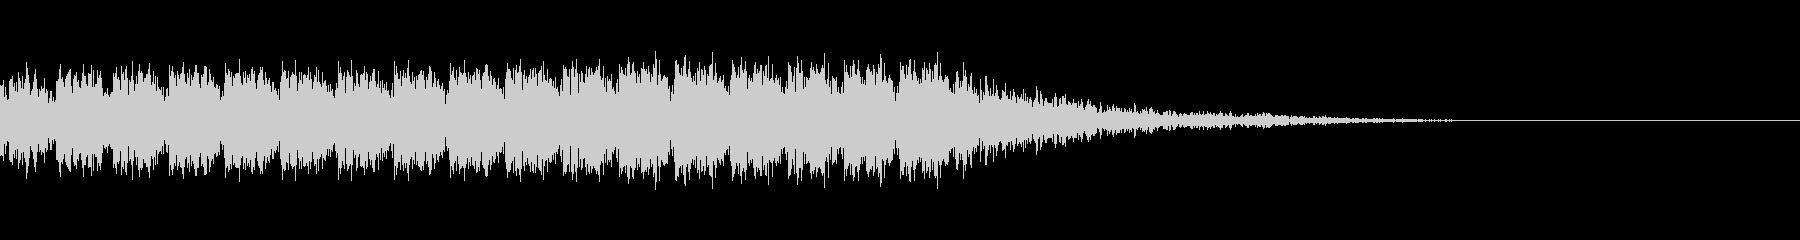 マシンガンの発砲音の未再生の波形